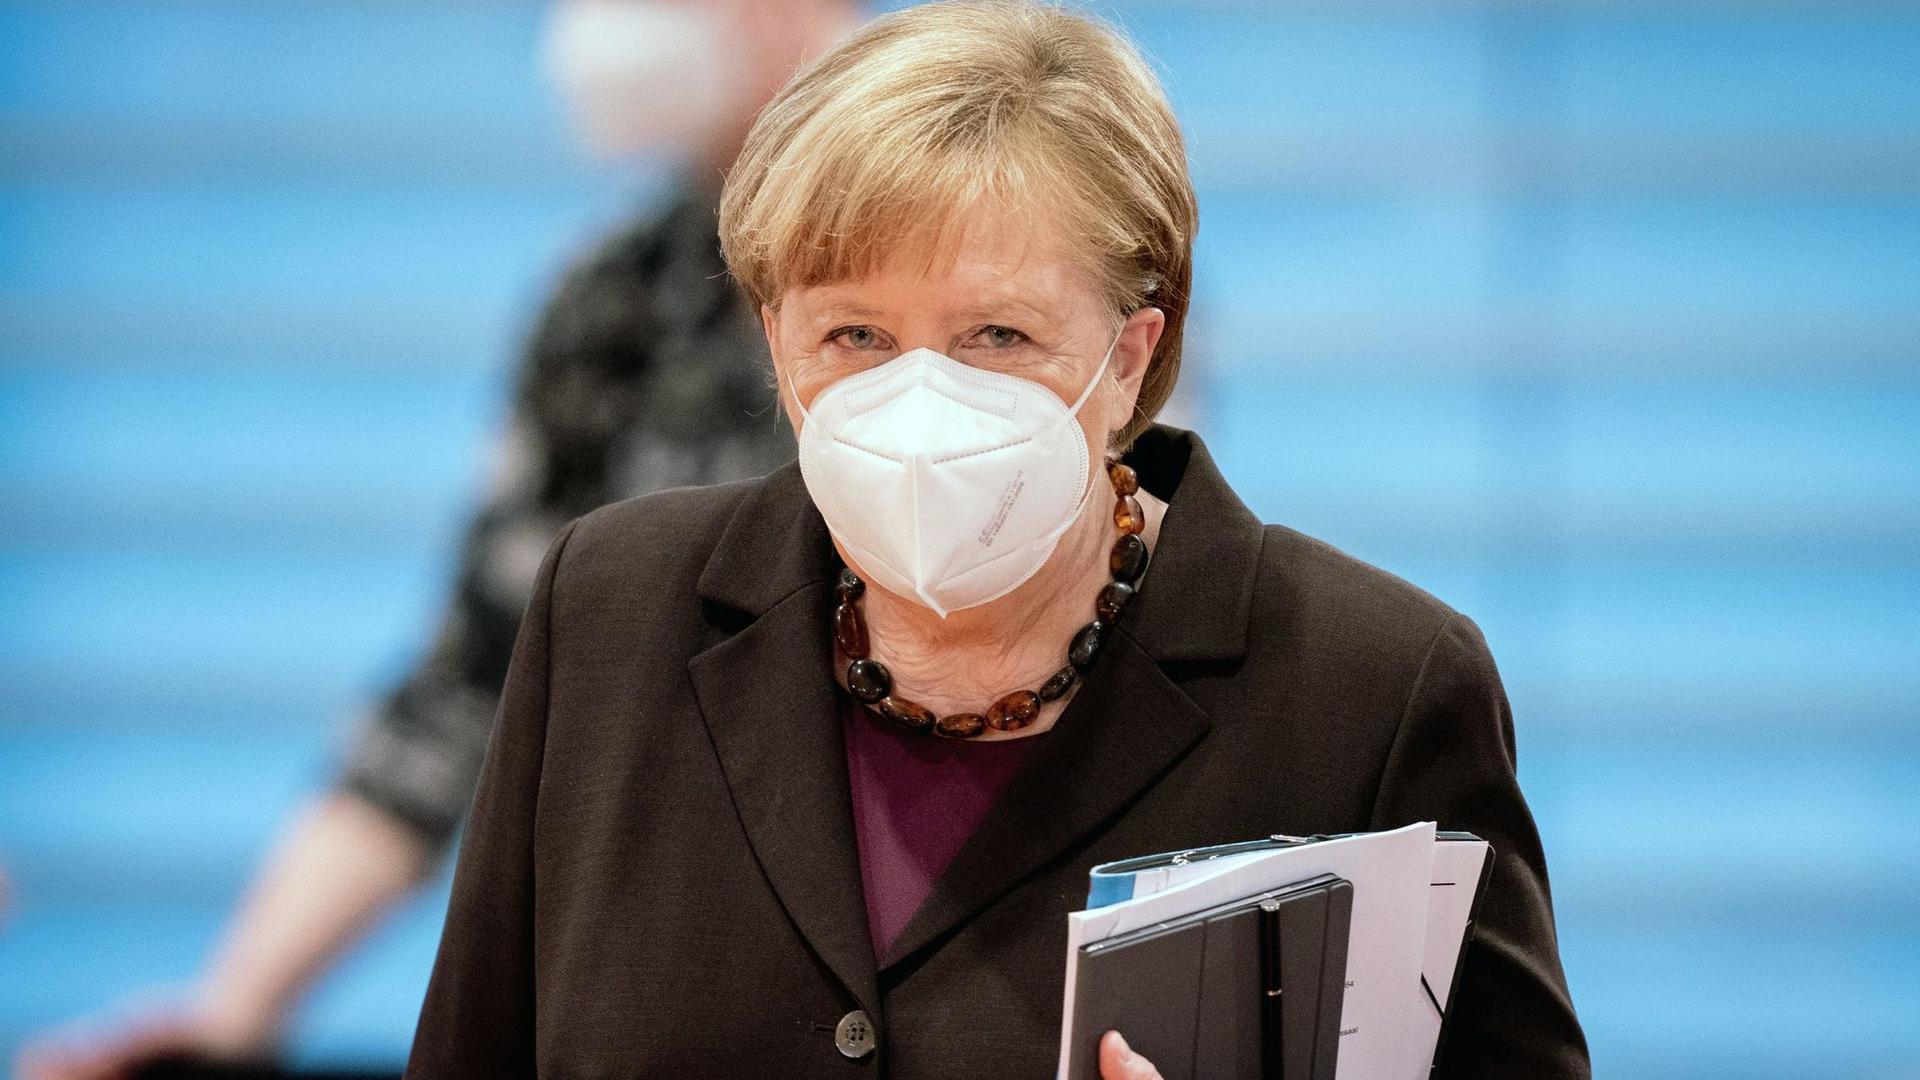 Berät mit Bund und Ländern über mögliche Lockerungen der Corona-Beschränkungen: Bundeskanzlerin Angela Merkel.